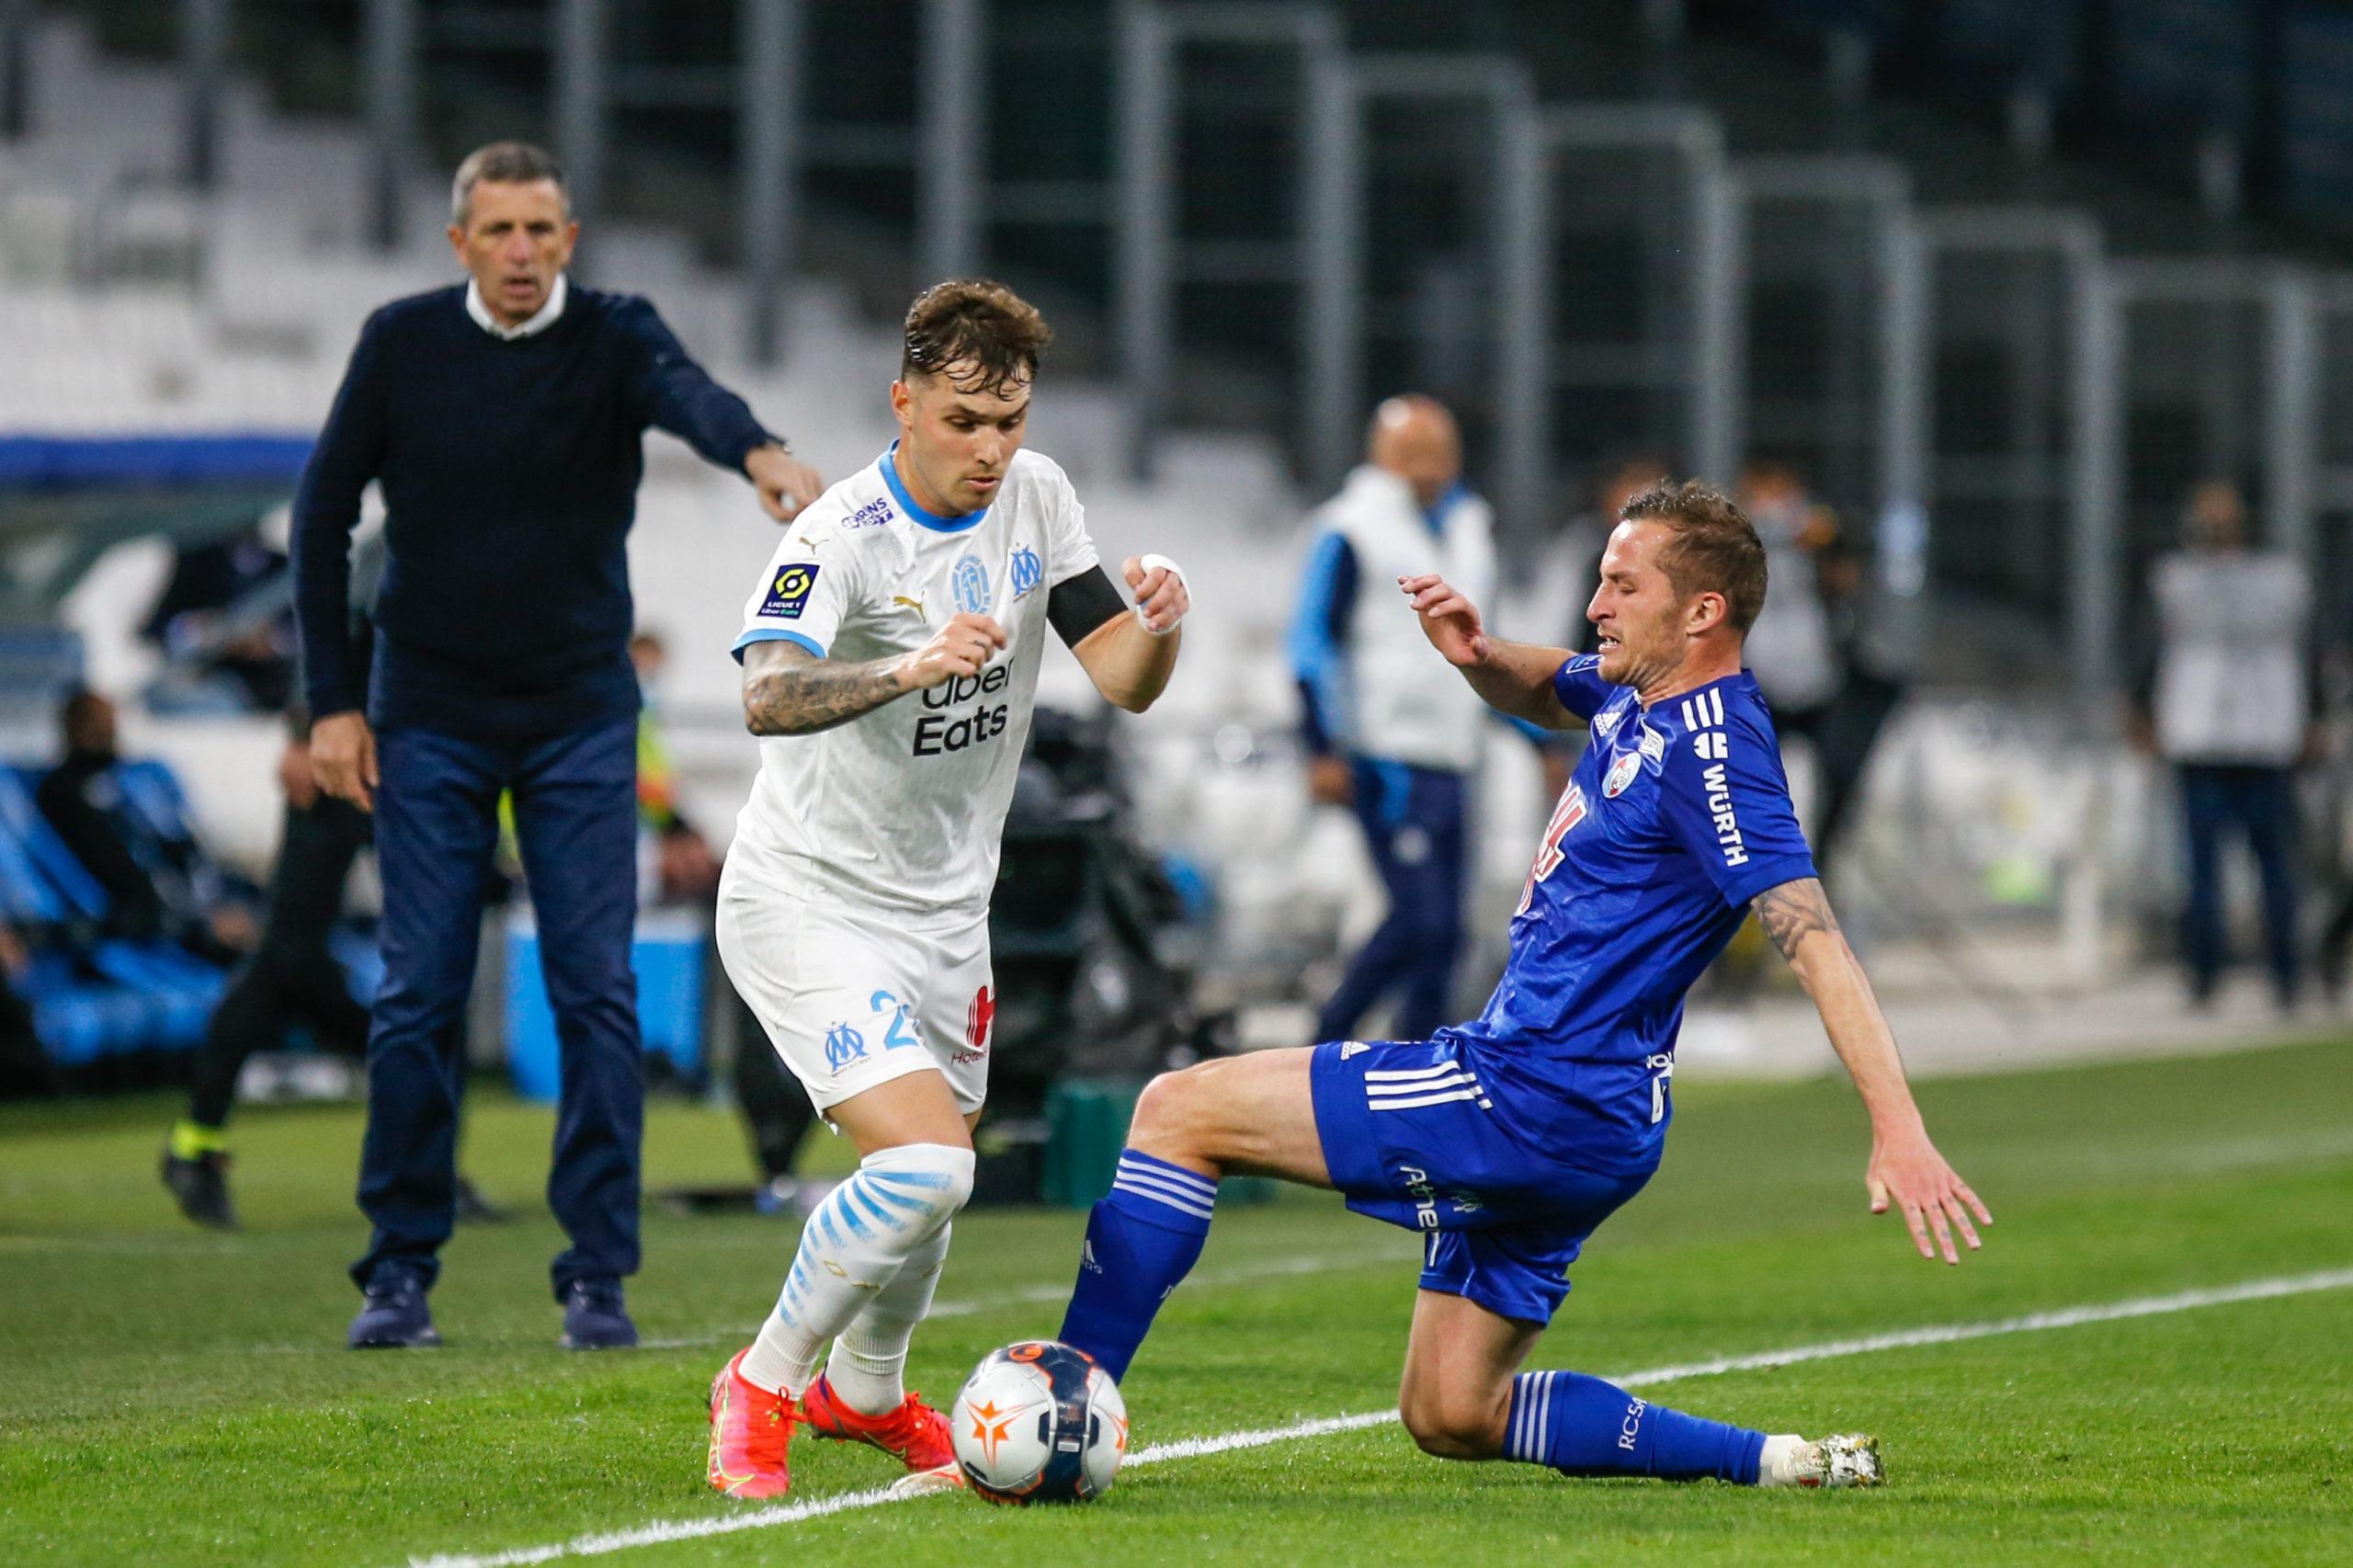 """OM/Strasbourg (1-1) - Sampaoli : """"L'adversaire nous a neutralisés"""""""